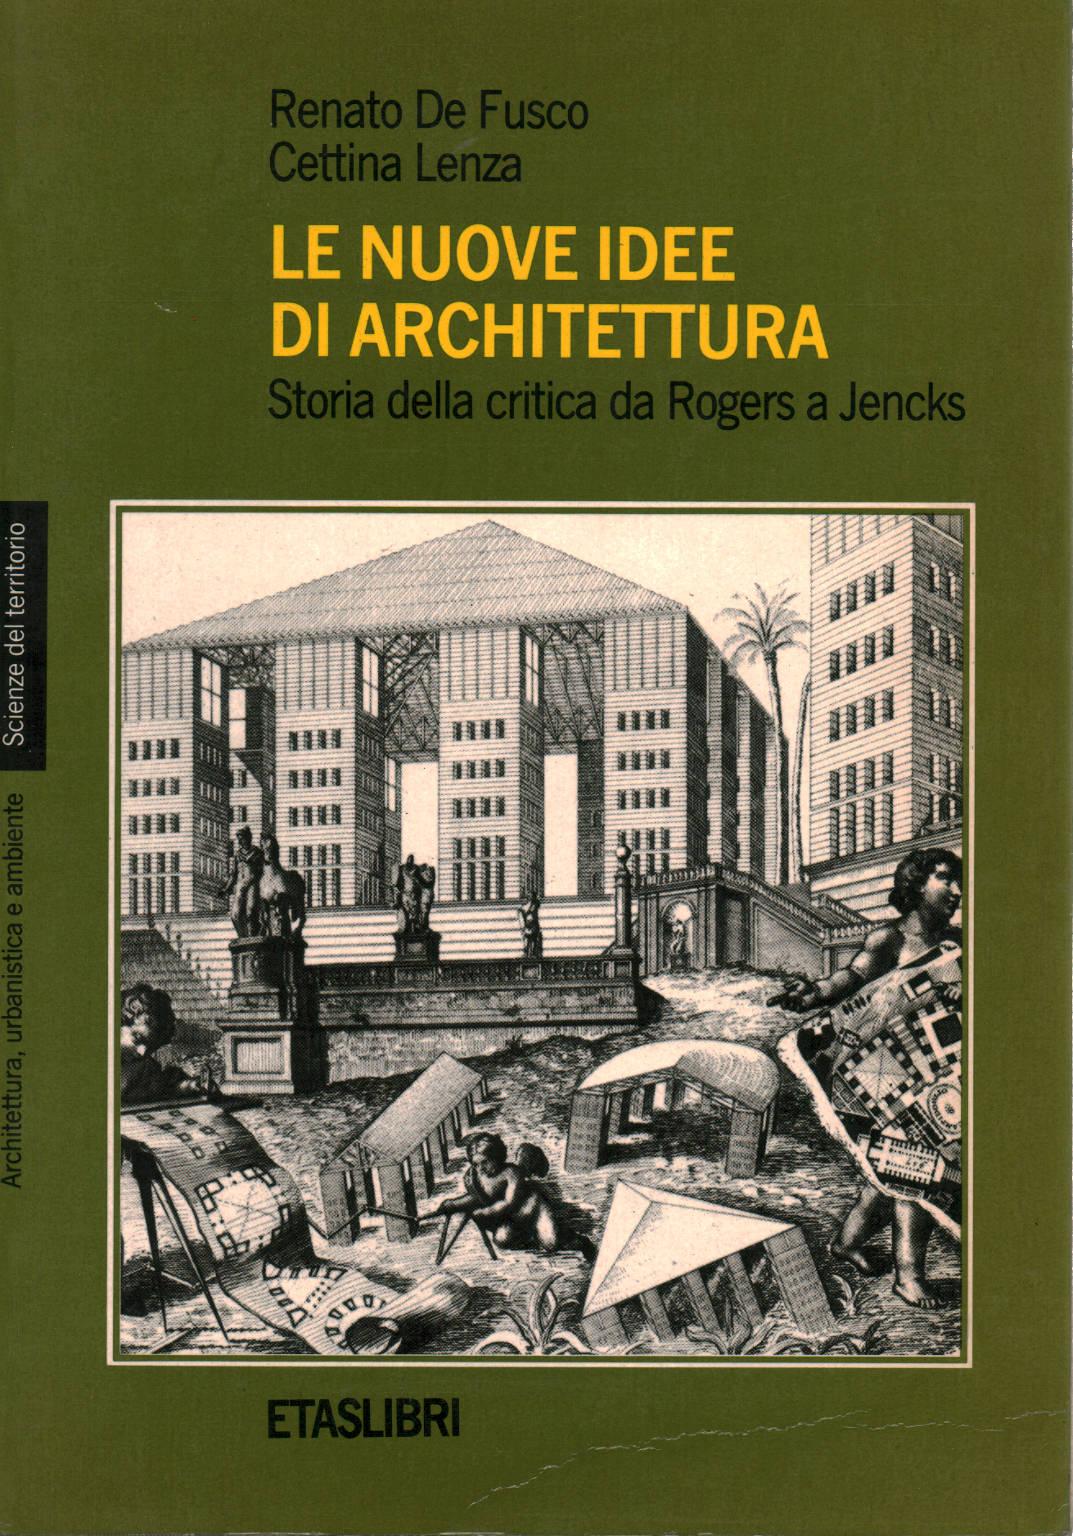 Le nuove idee di architettura renato de fusco cettina Idee architettura